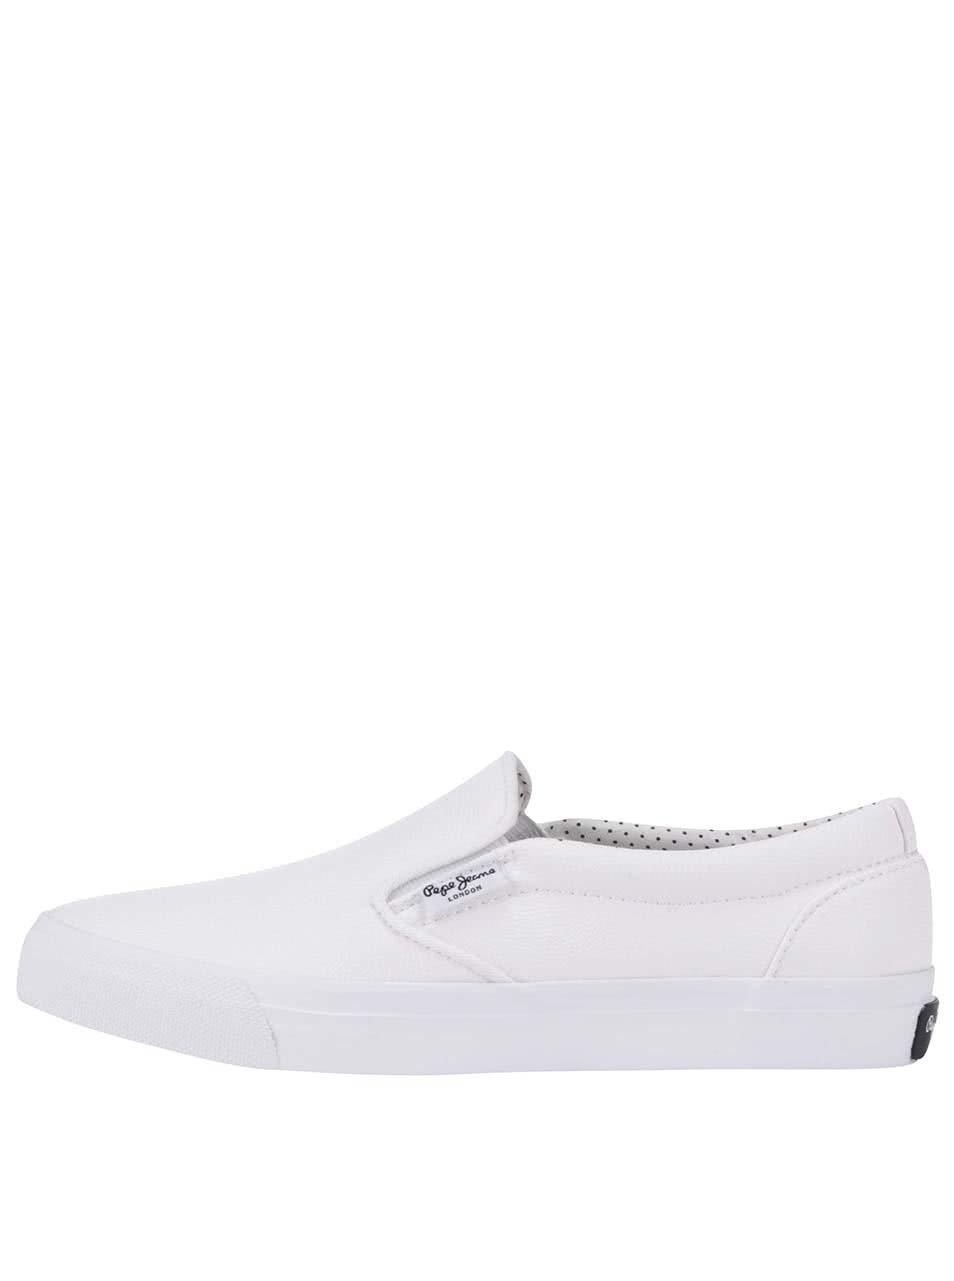 96c3589371d Bílé dámské slip on tenisky Pepe Jeans ...